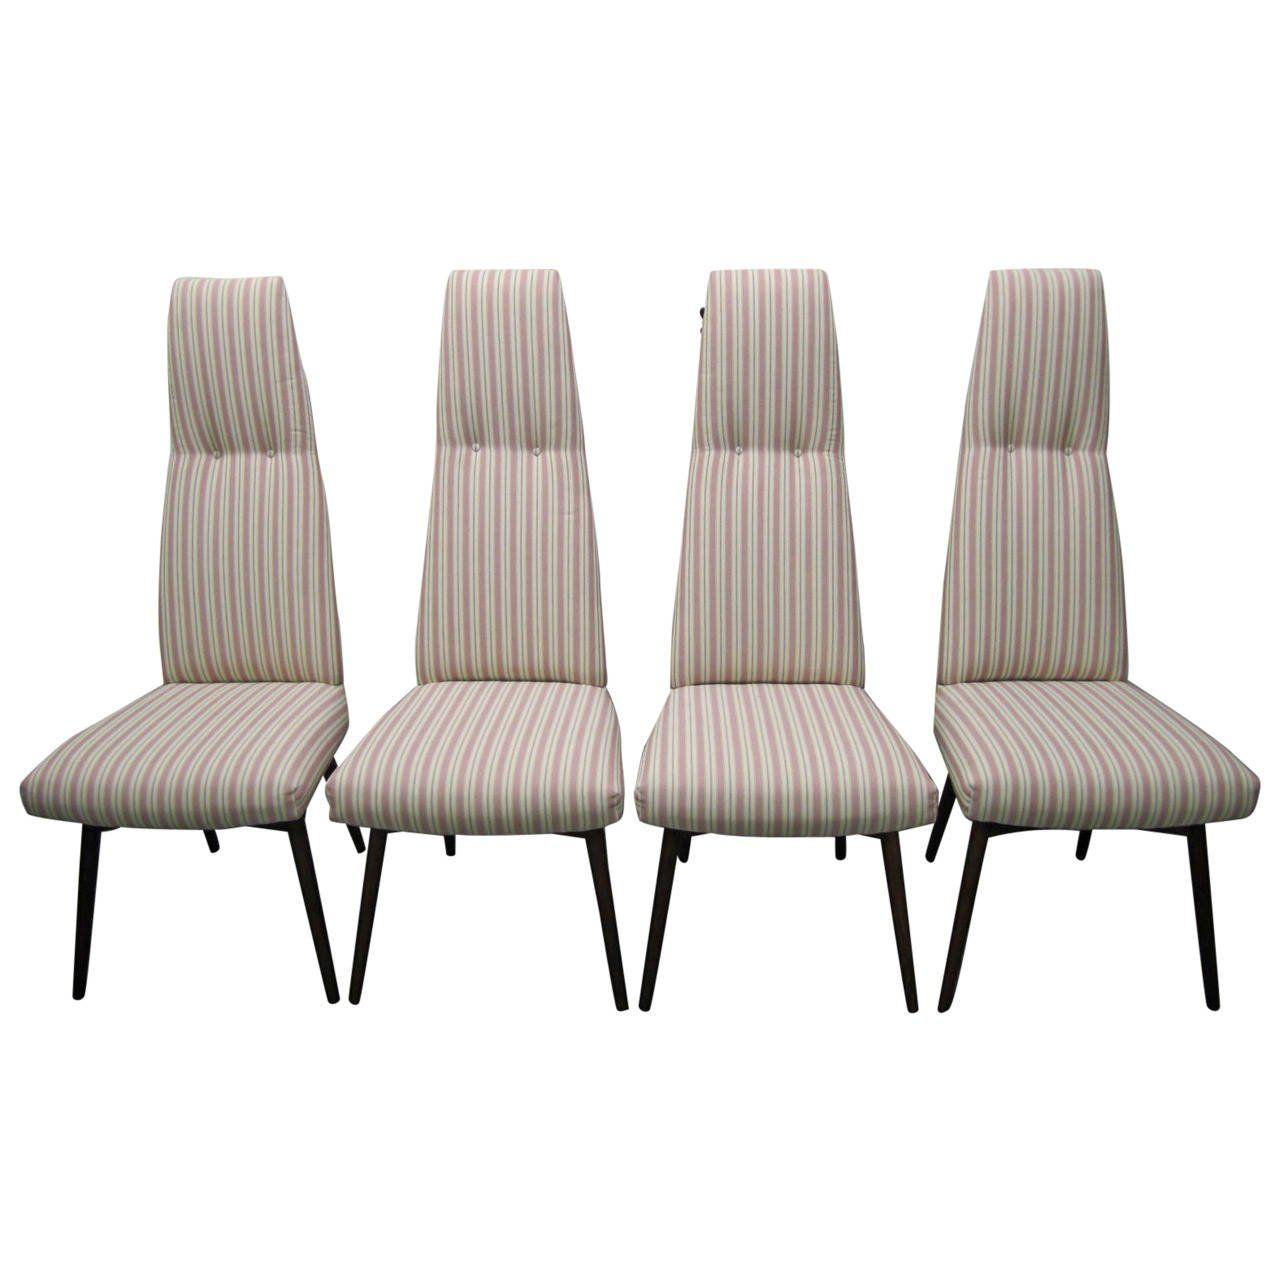 Schwarz Gepolsterte Esszimmerstühle Silber Stühlen Küche